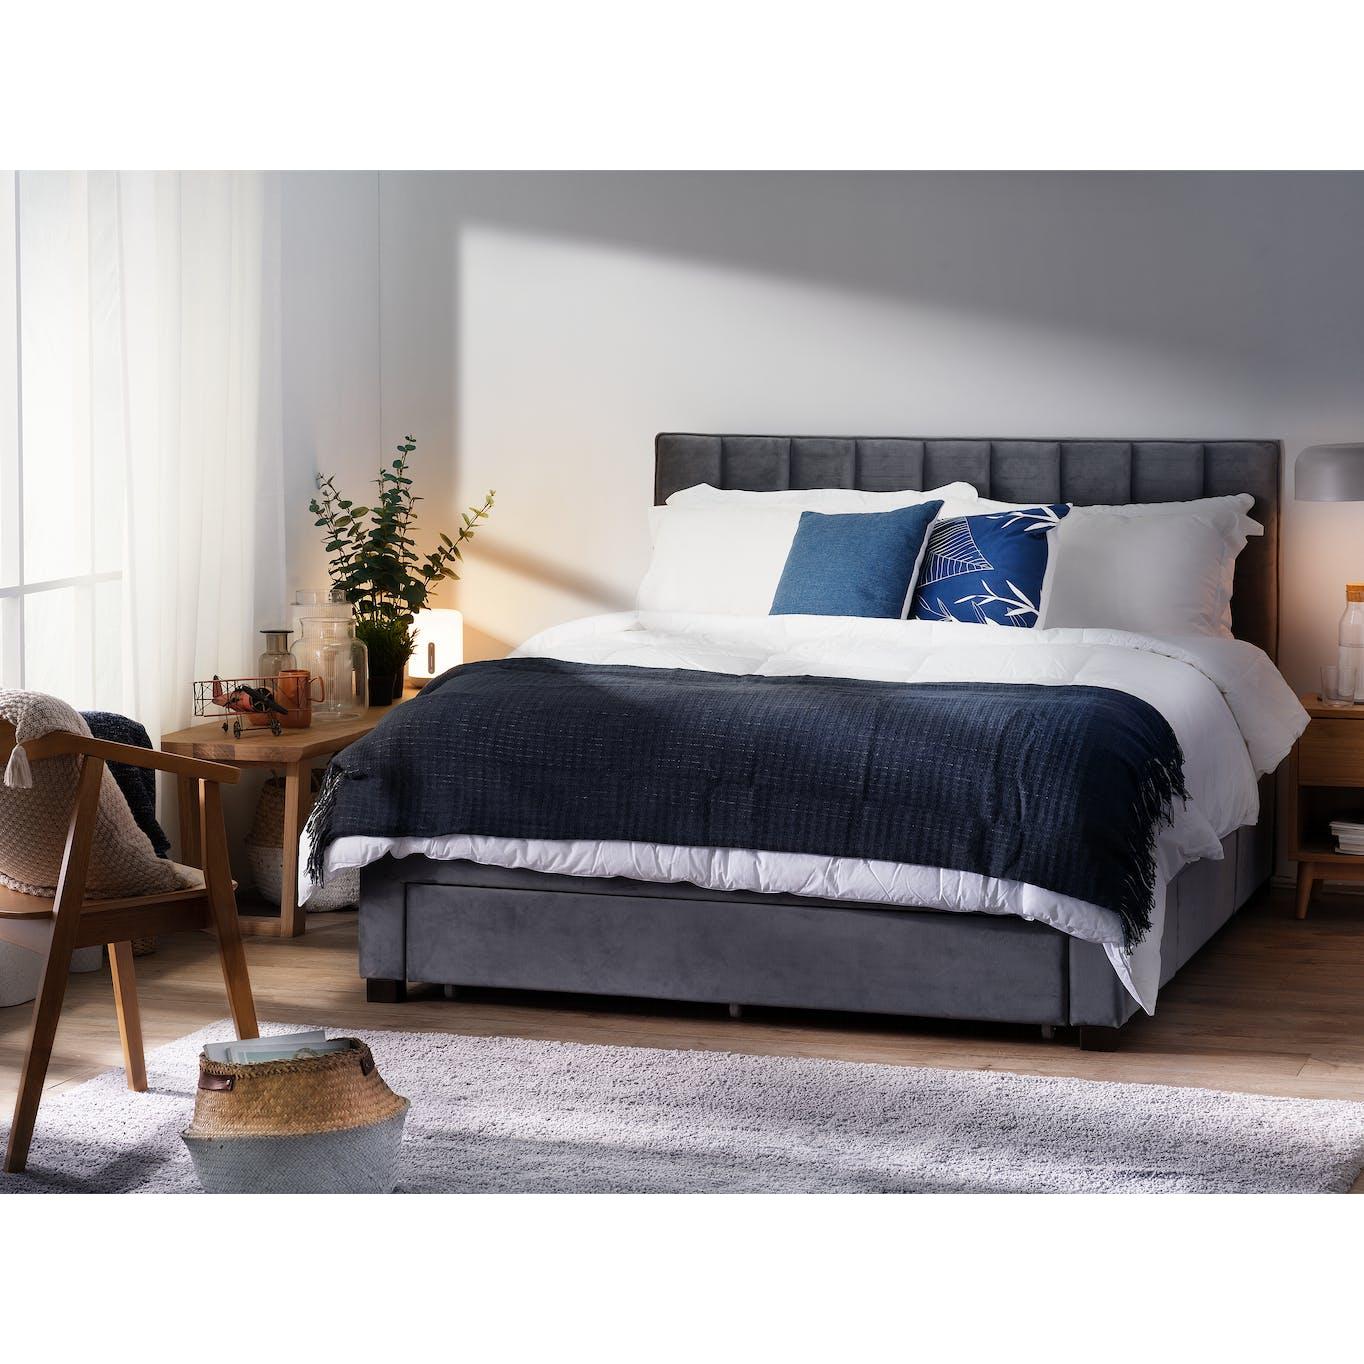 Moonstone velvet queen sized 3 drawer storage bed